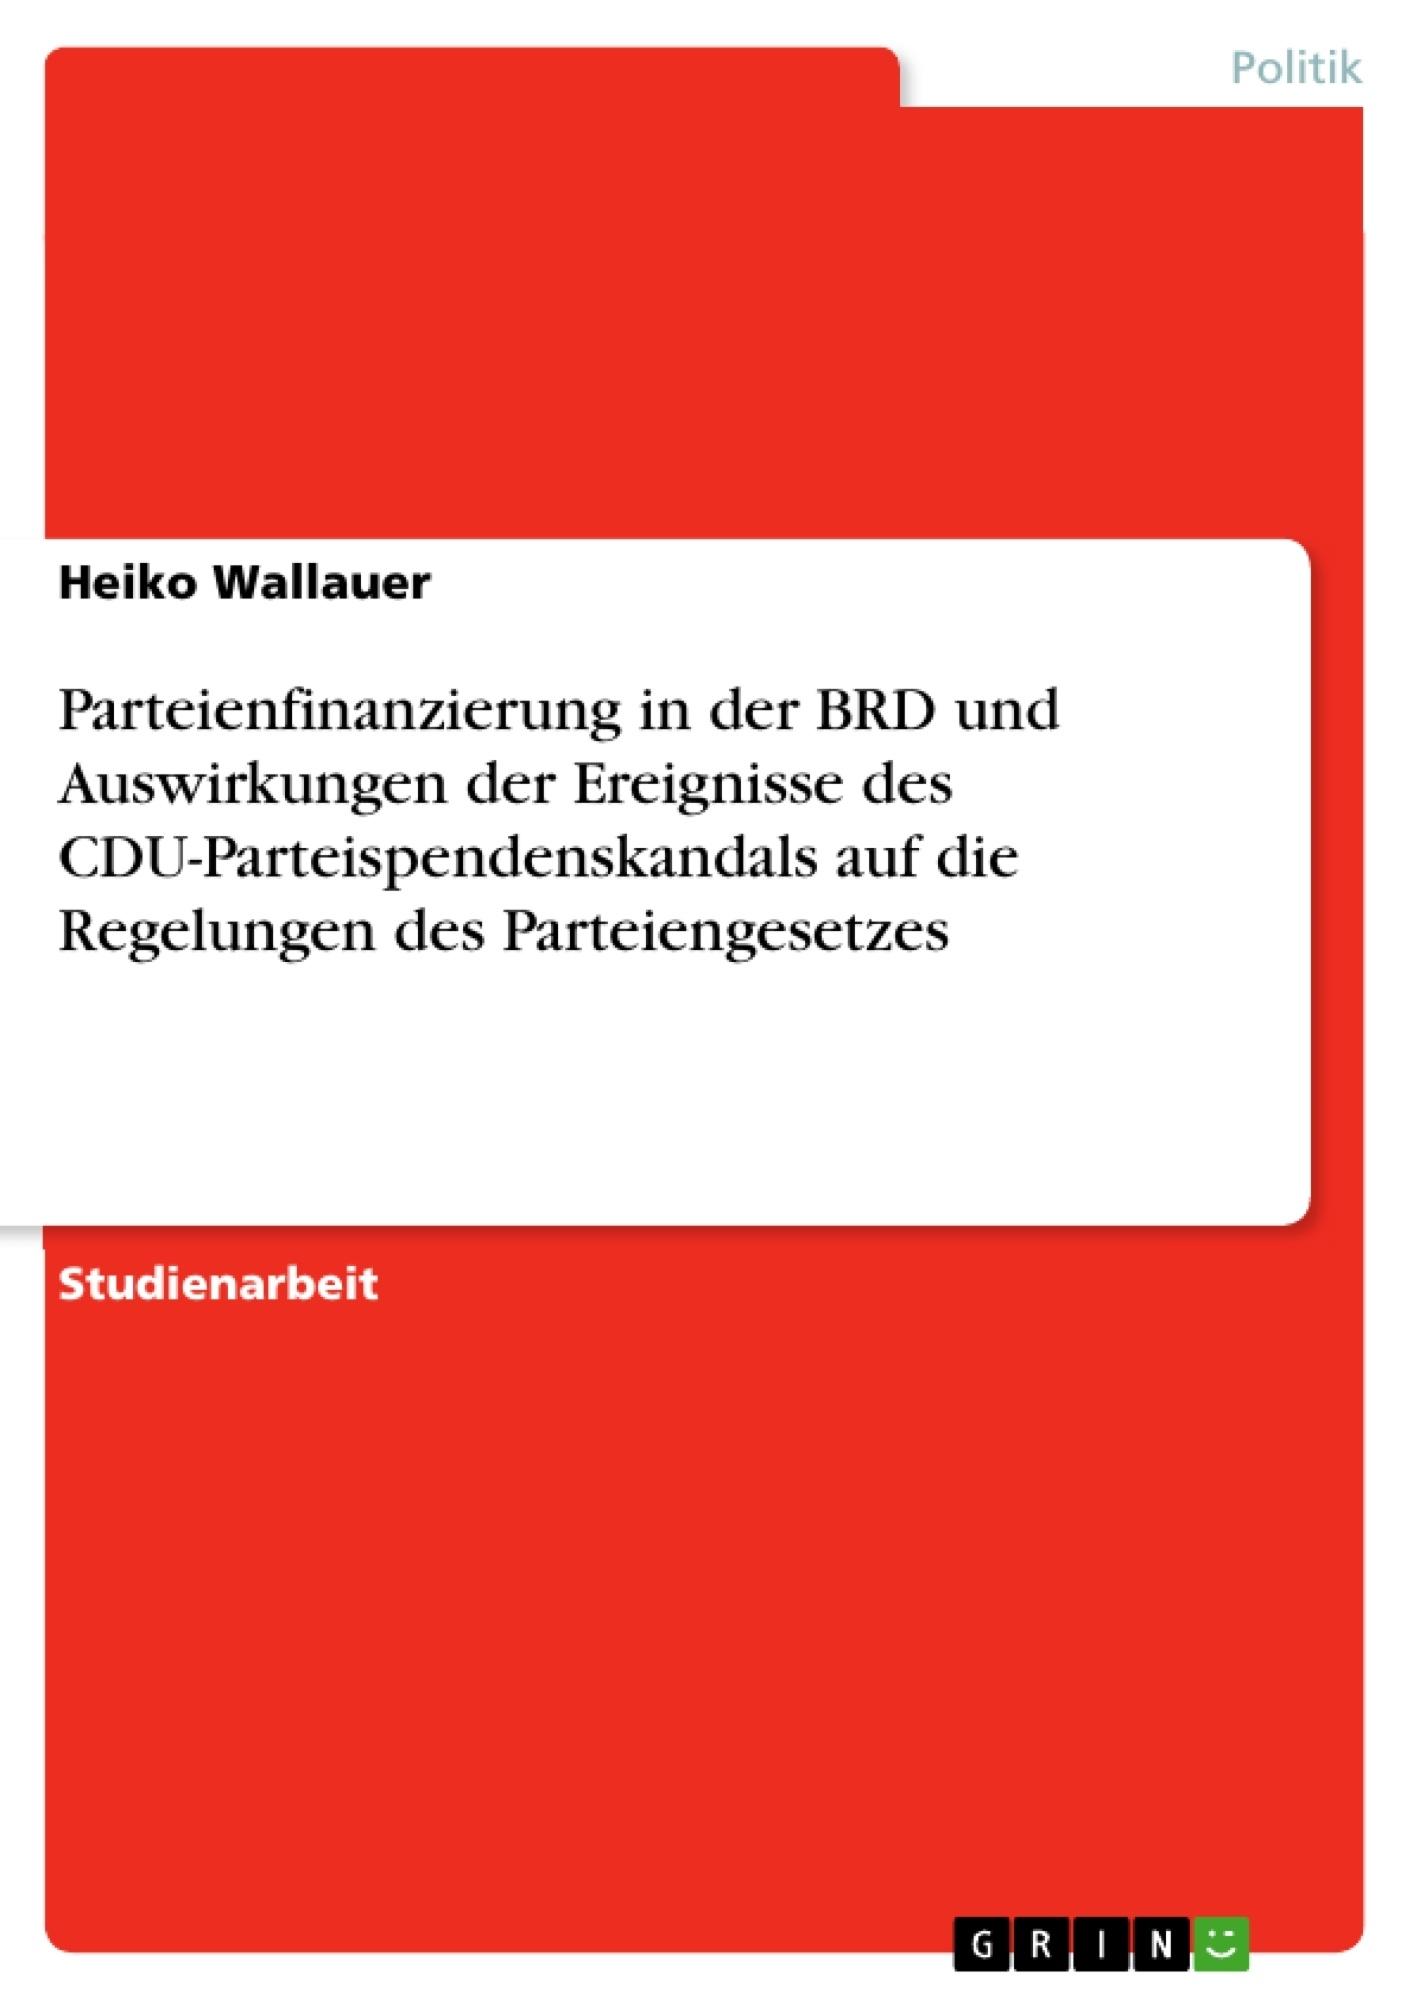 Titel: Parteienfinanzierung in der BRD und Auswirkungen der Ereignisse des CDU-Parteispendenskandals auf die Regelungen des Parteiengesetzes